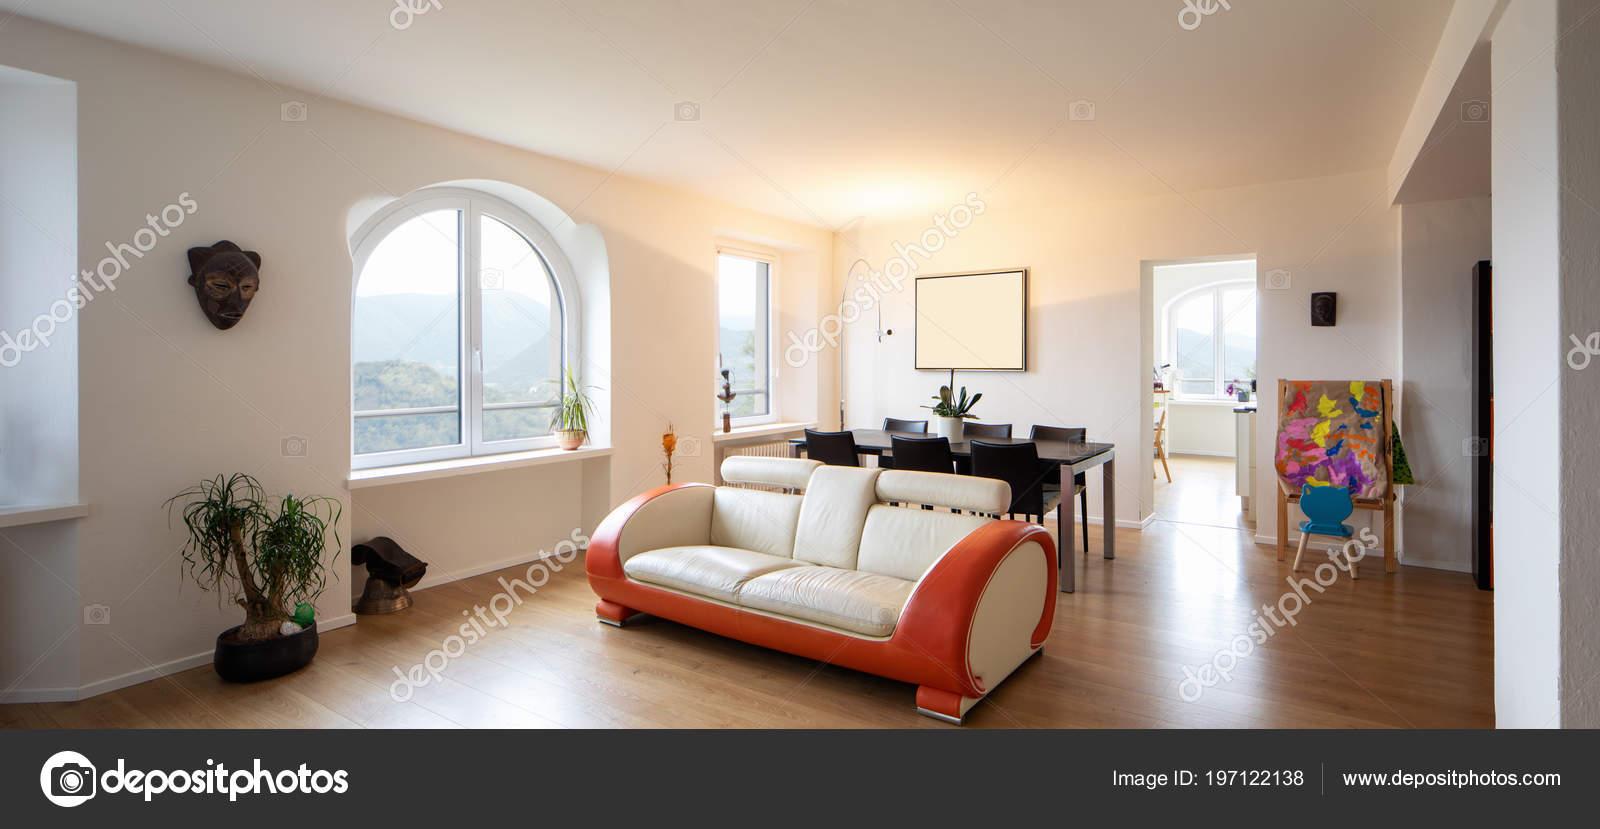 Wohnzimmer Mit Leder Und Parkett Design Sofa Große Fenster Geben ...